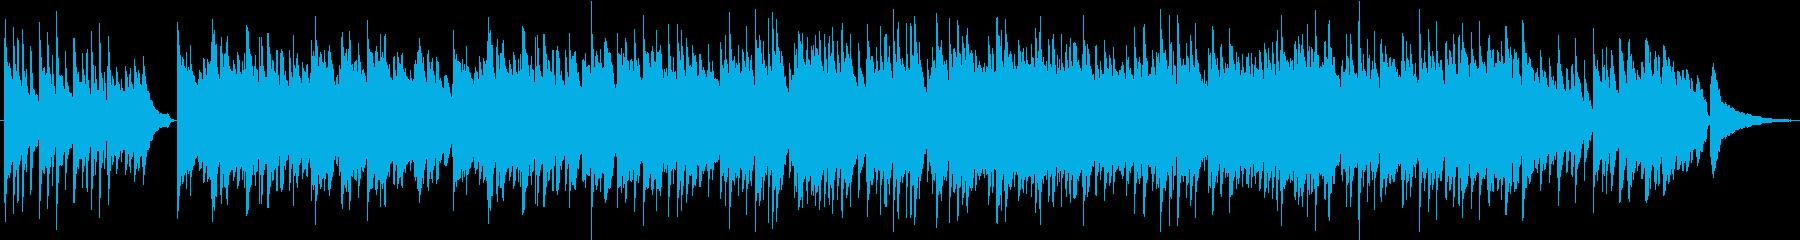 歌モノ的な展開のゆったり優しいピアノ曲の再生済みの波形